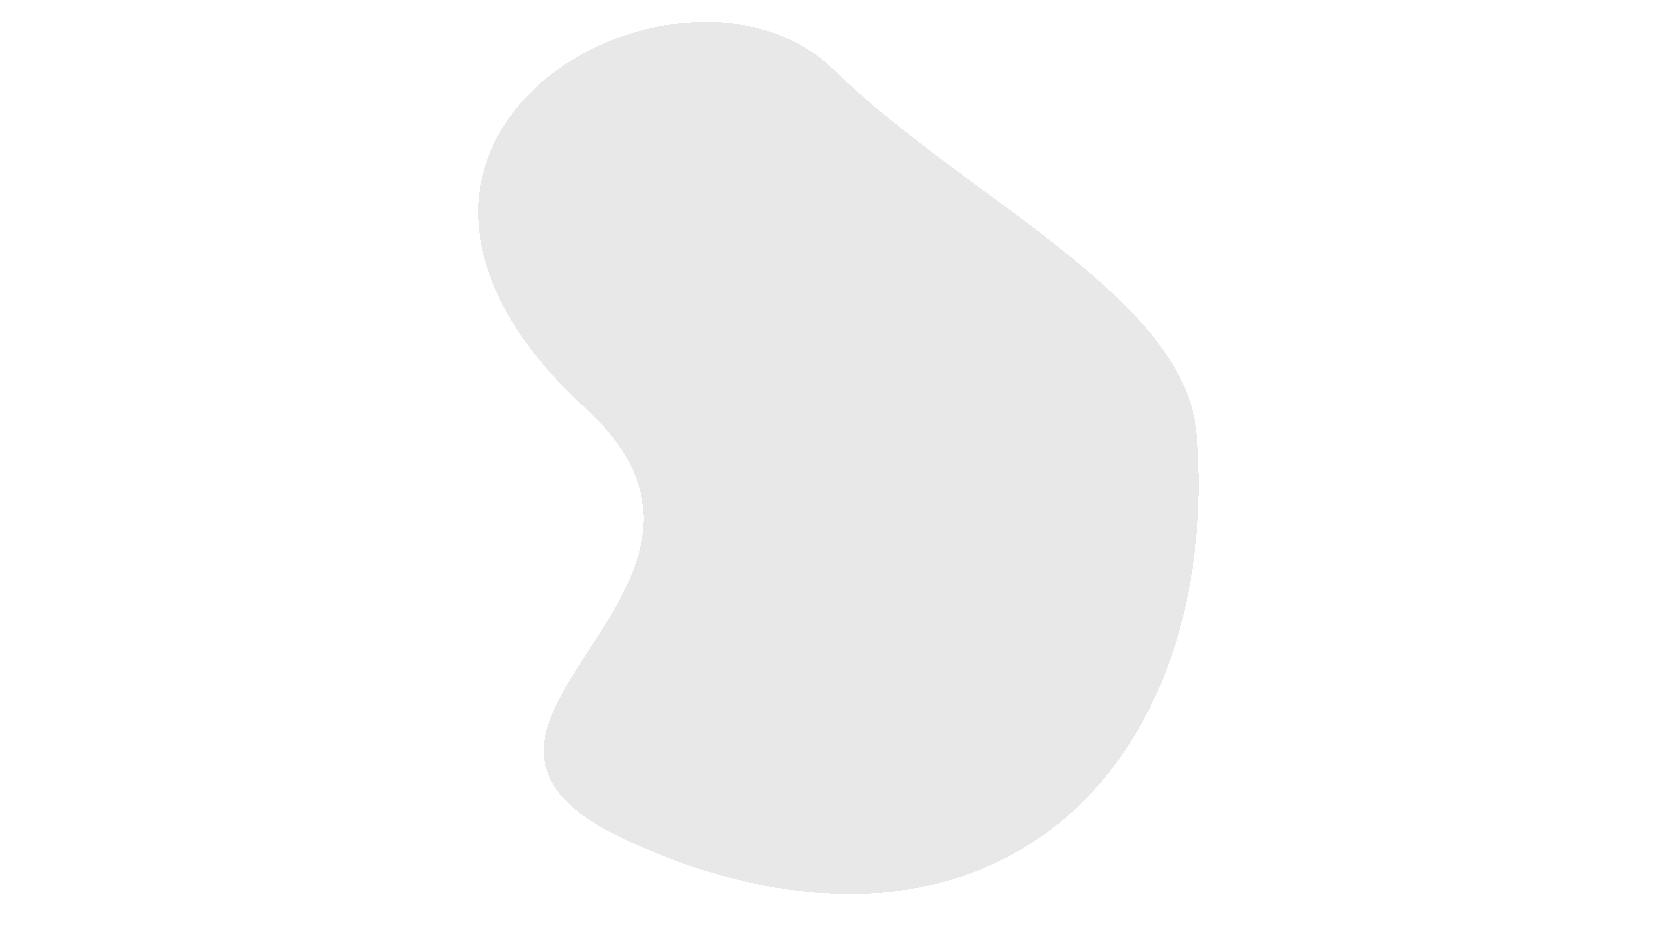 Hintergrund Layer Grau